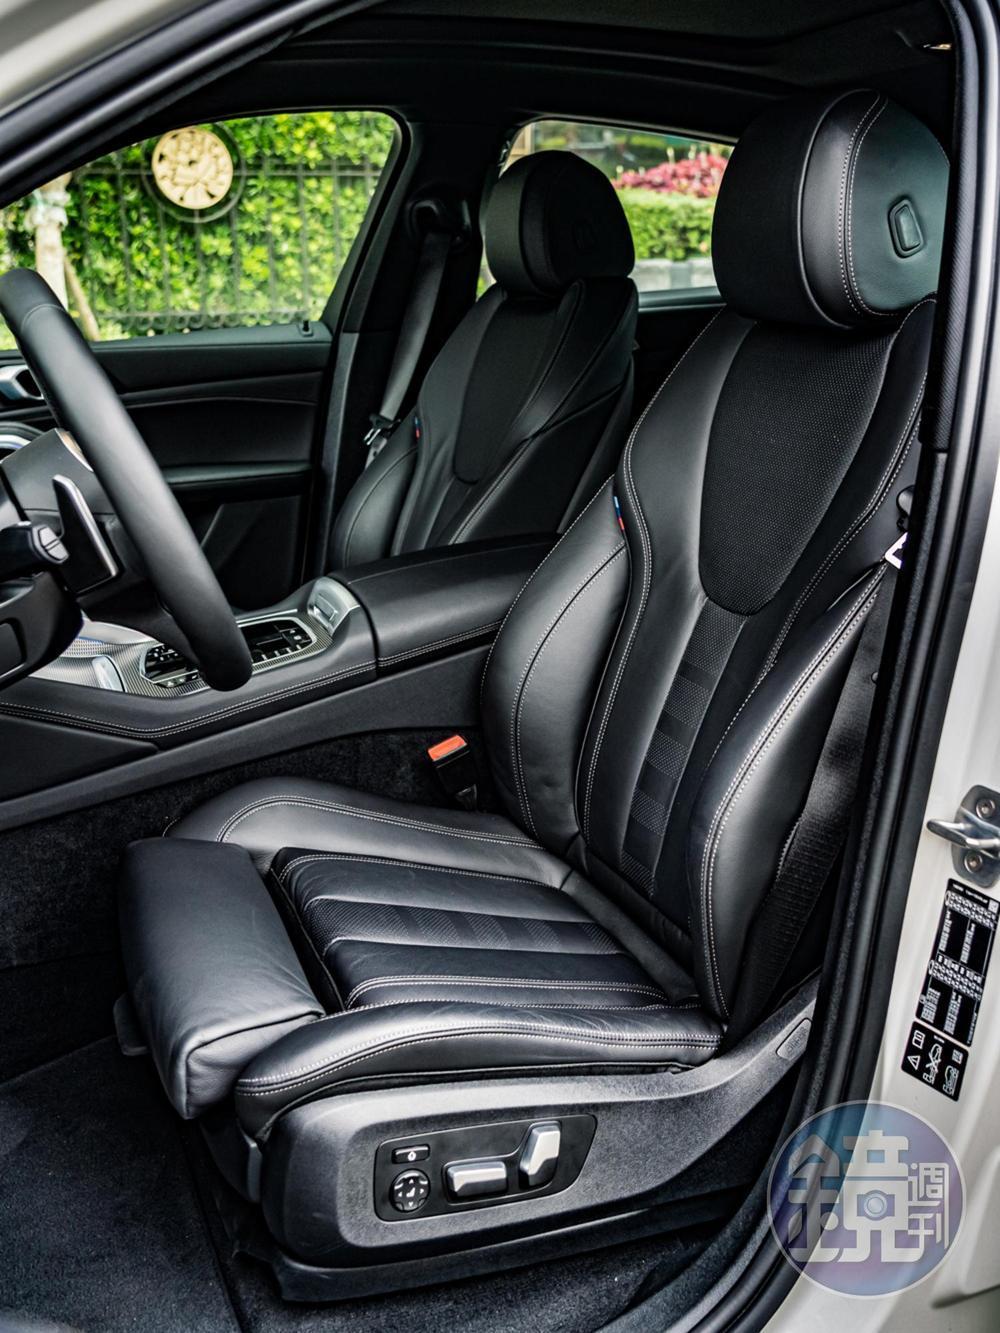 全車系採用Vernasca真皮包覆的跑車座椅,提供優異的支撐包覆性。